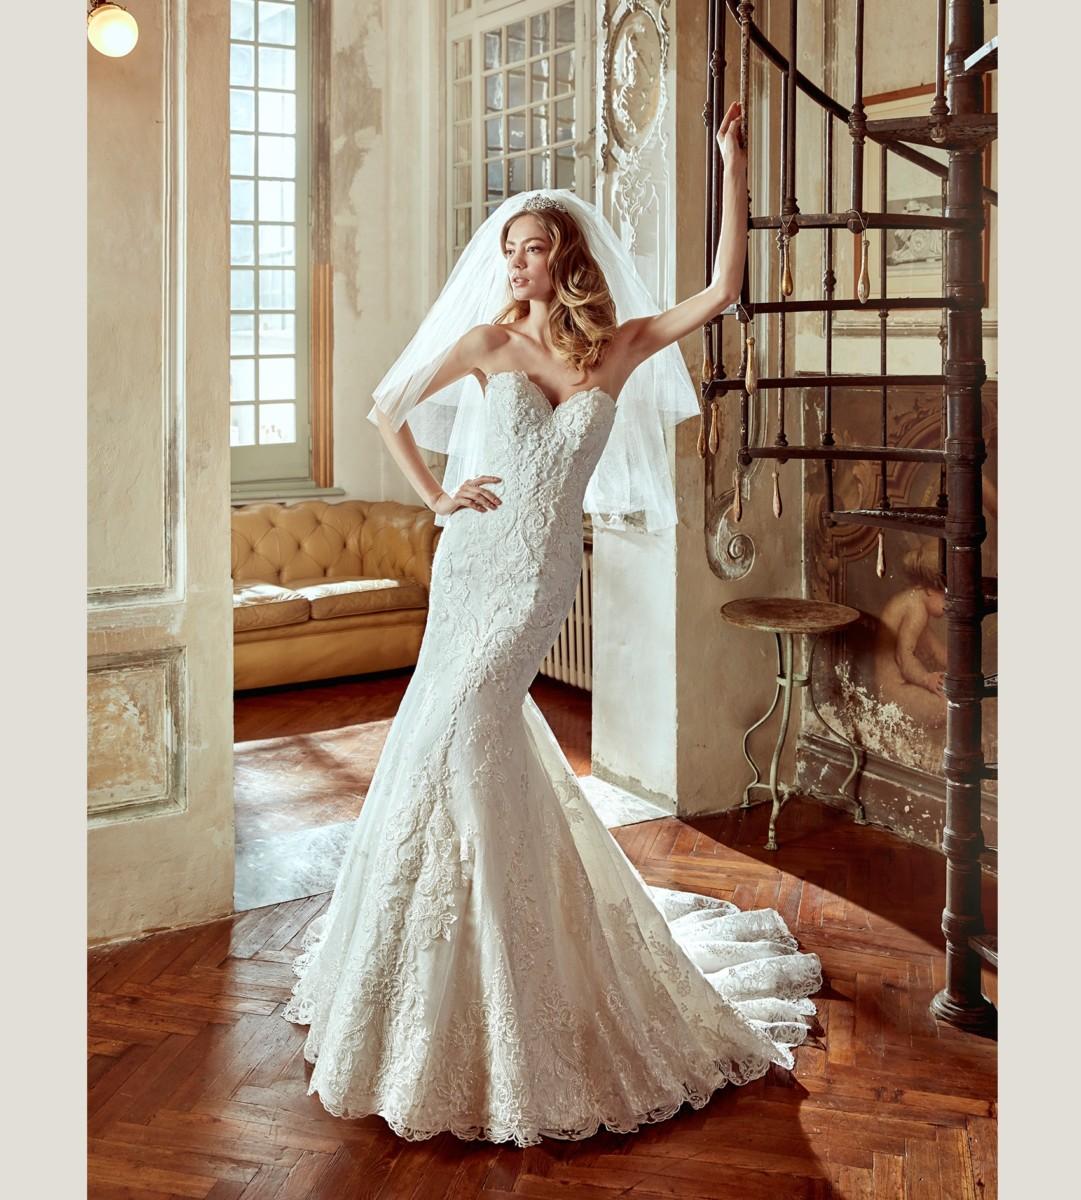 55670b6849ea La tradizione vuole che il bouquet della sposa debba essere comprato dal  futuro marito